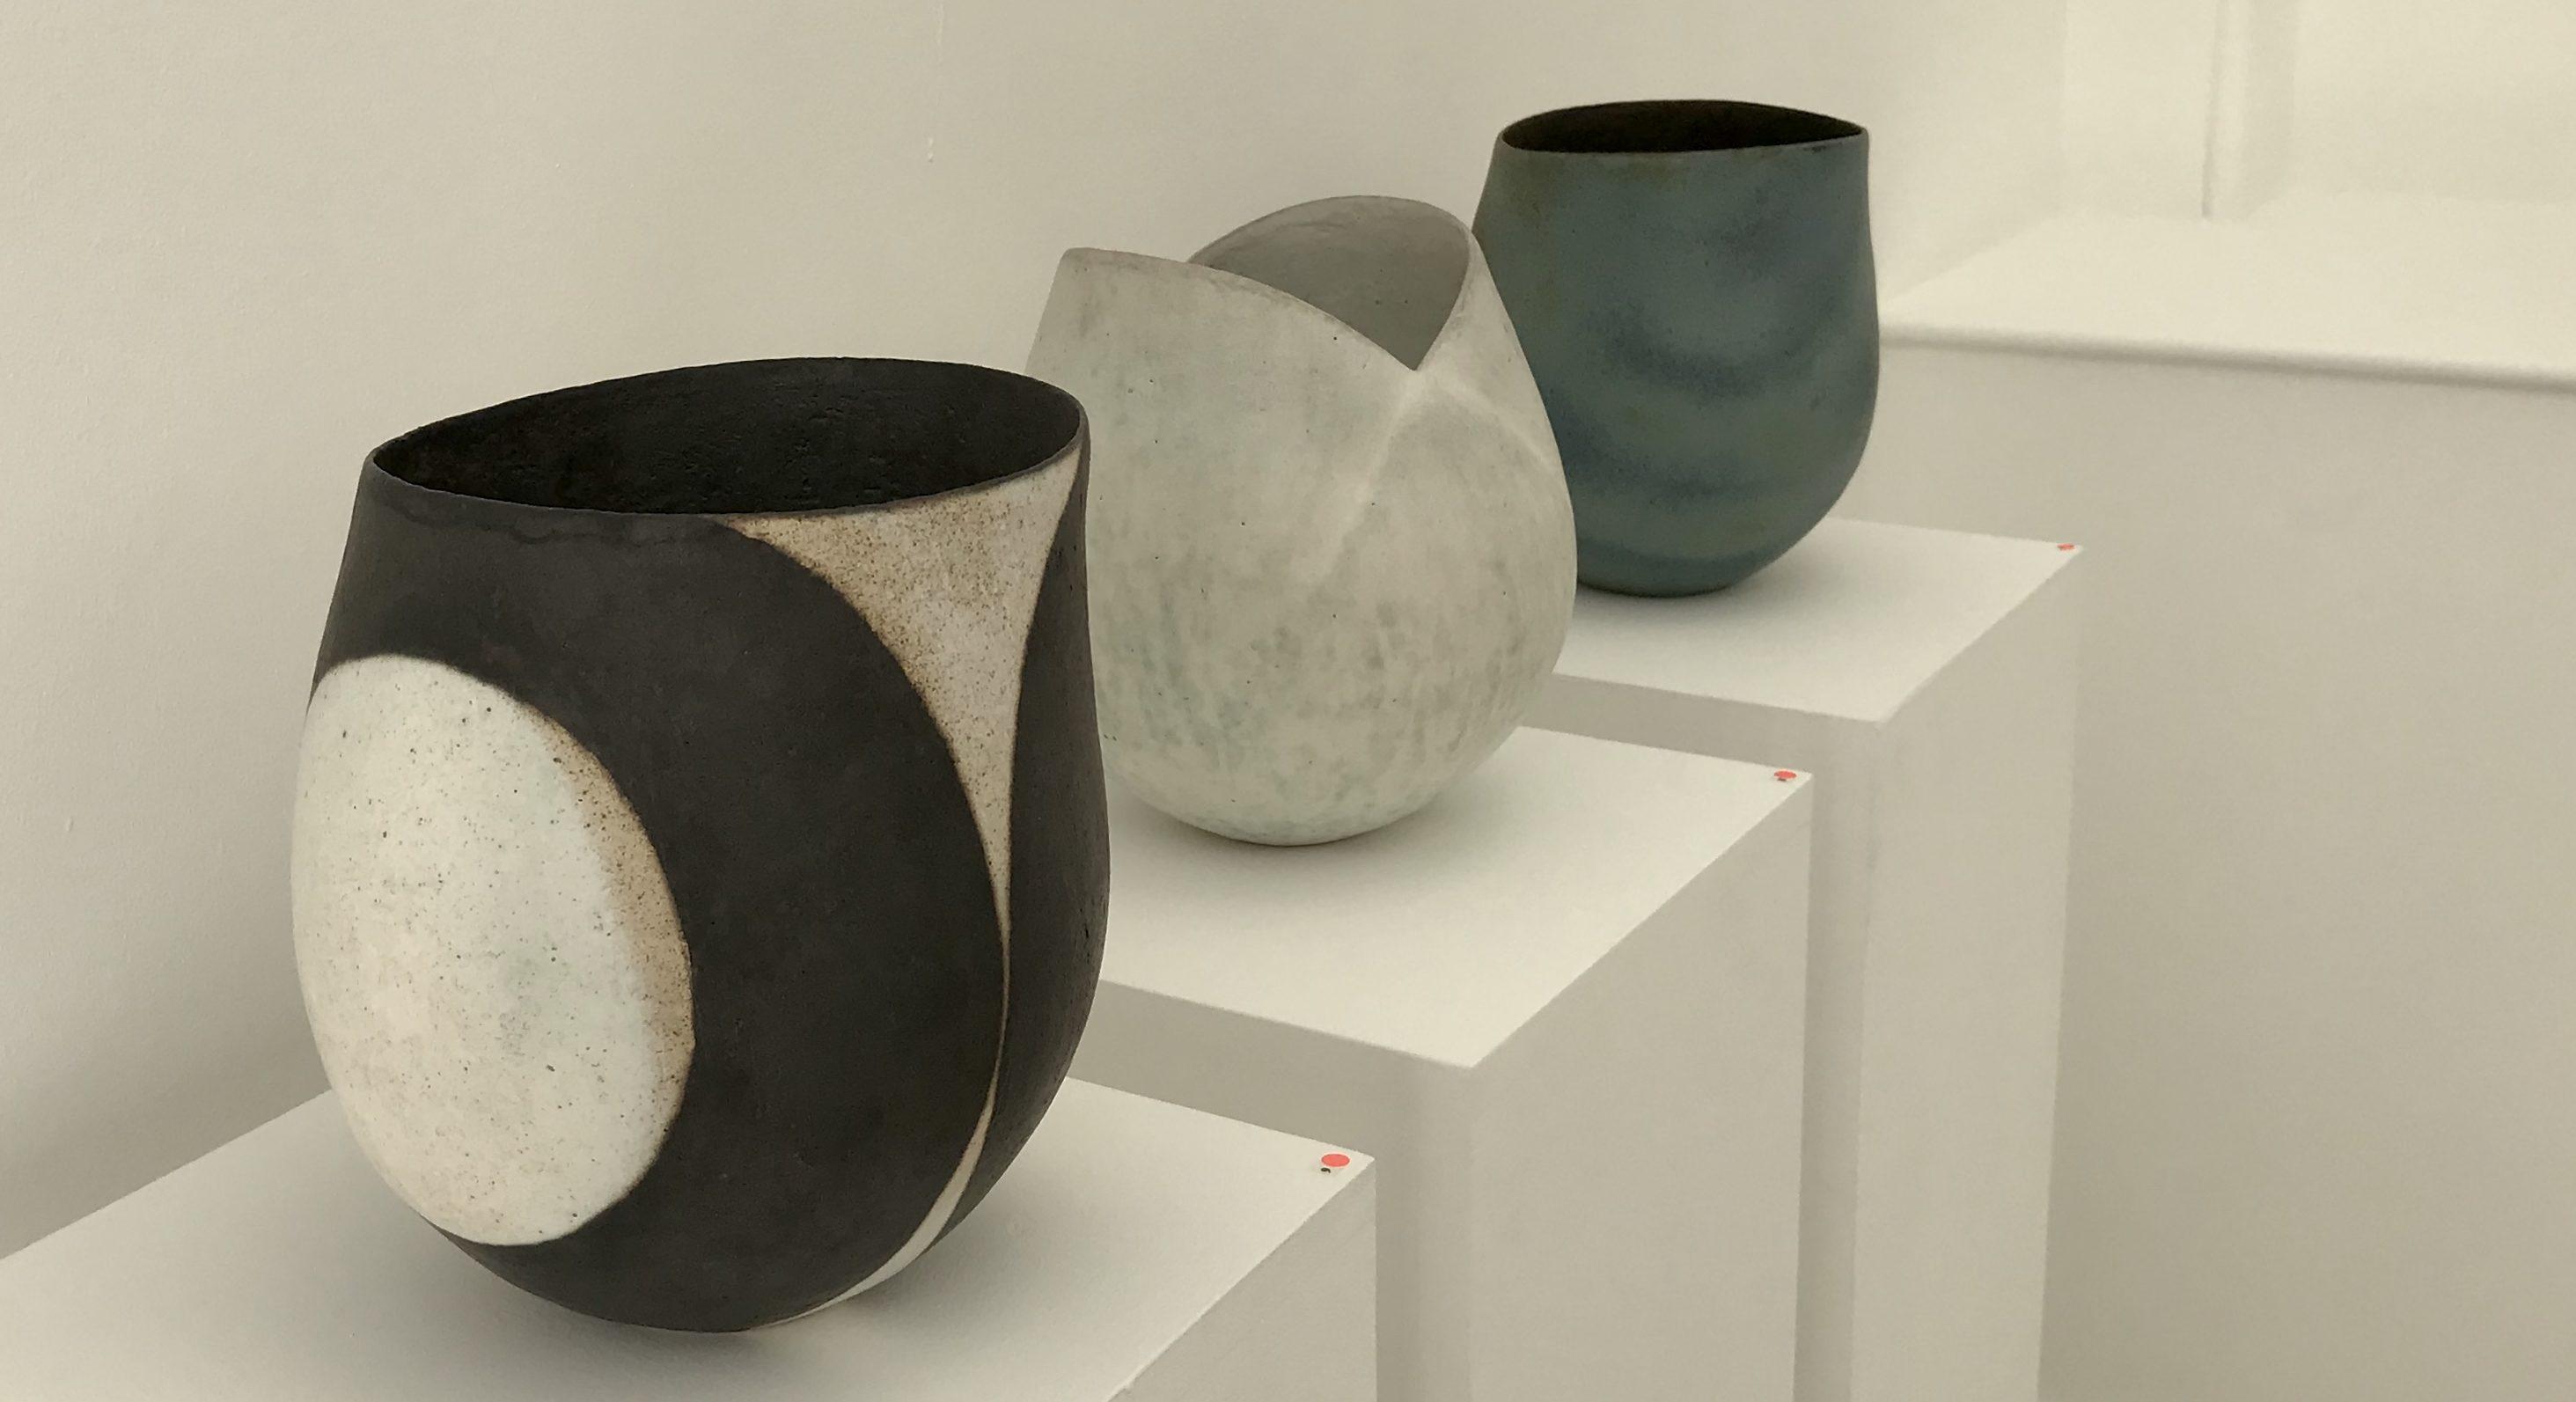 John Ward pottery exhibition